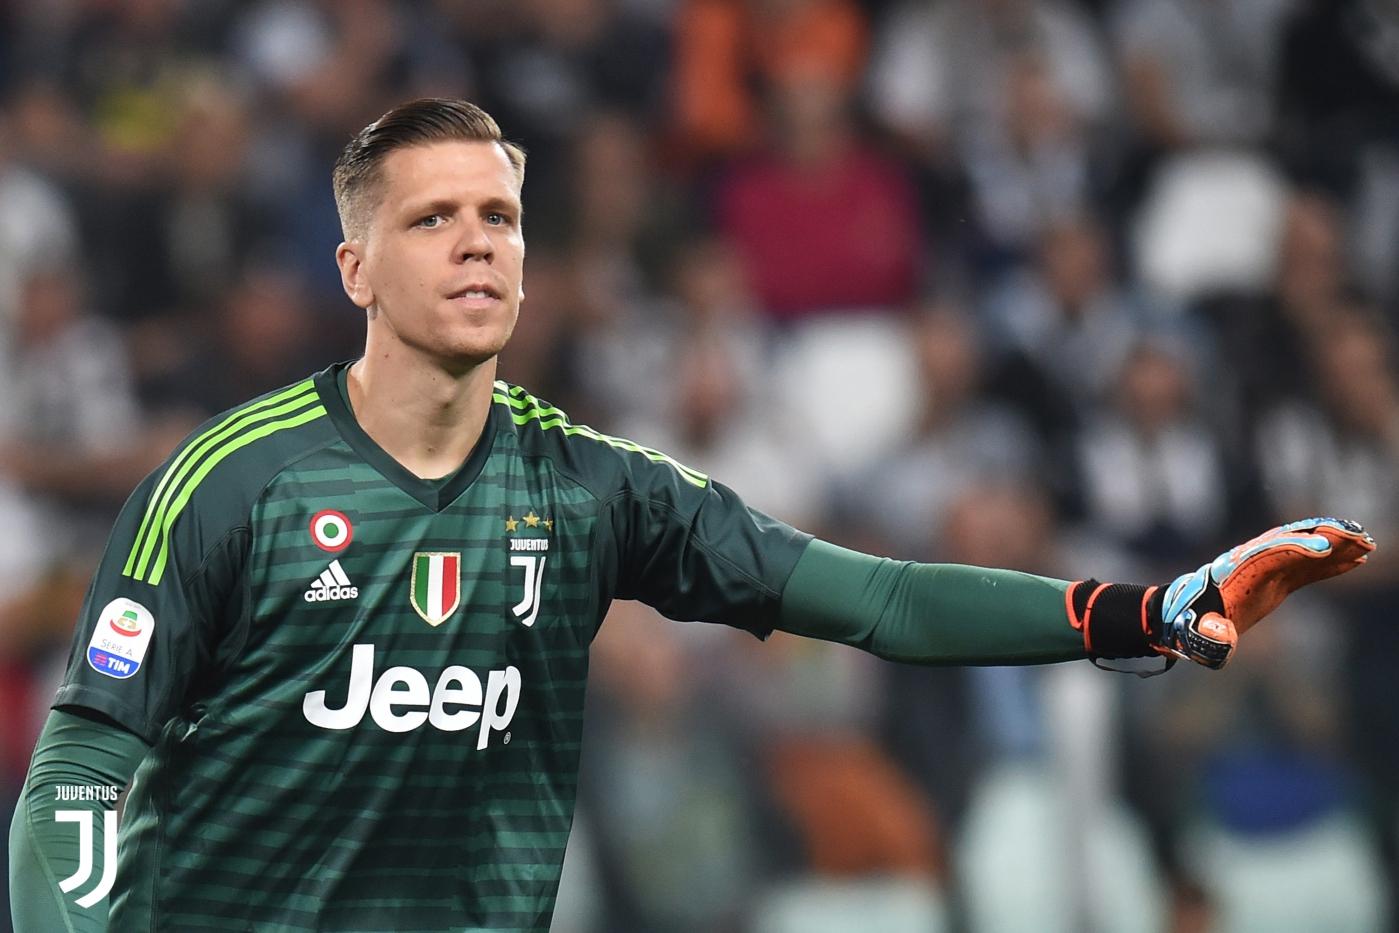 Dự đoán đội hình Juventus với De Ligt - Bóng Đá